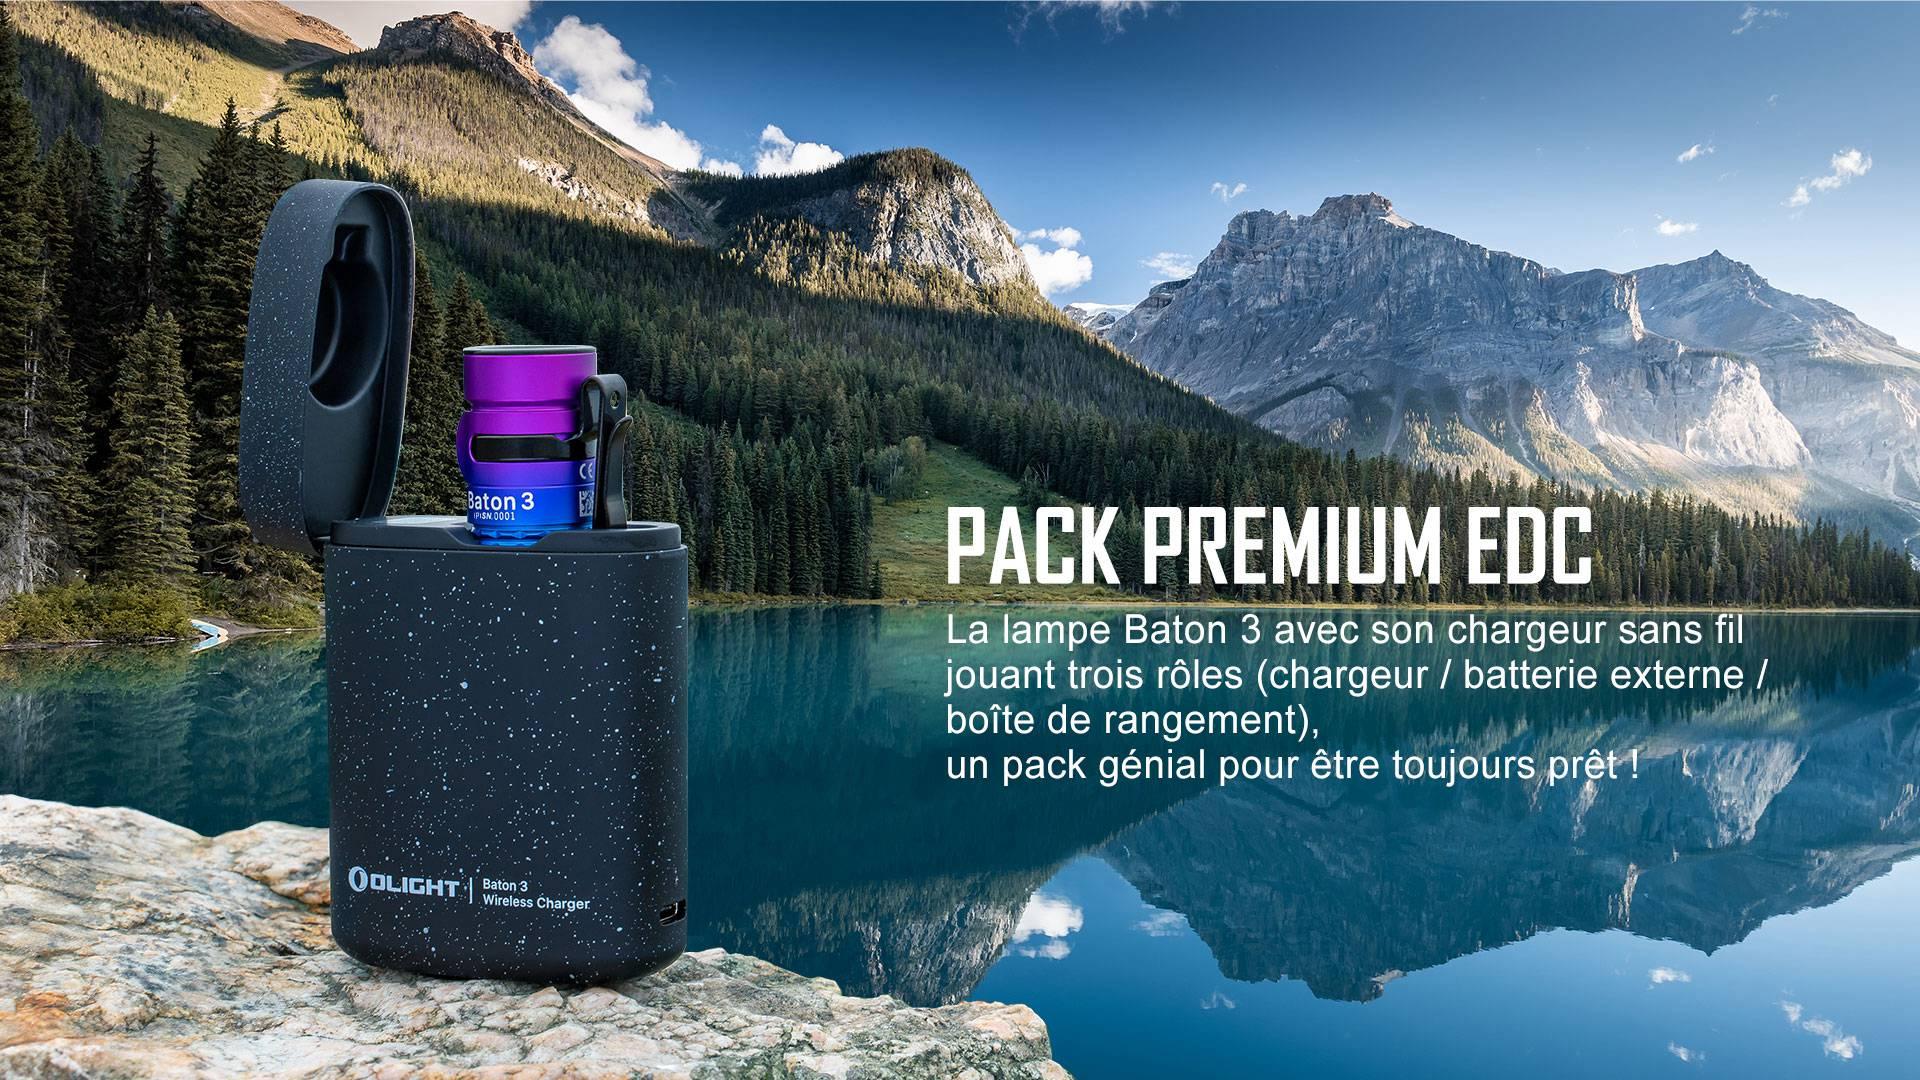 Olight Baton 3 Premium Dégradé Violet -  lampe de poche avec chargeur sans fil